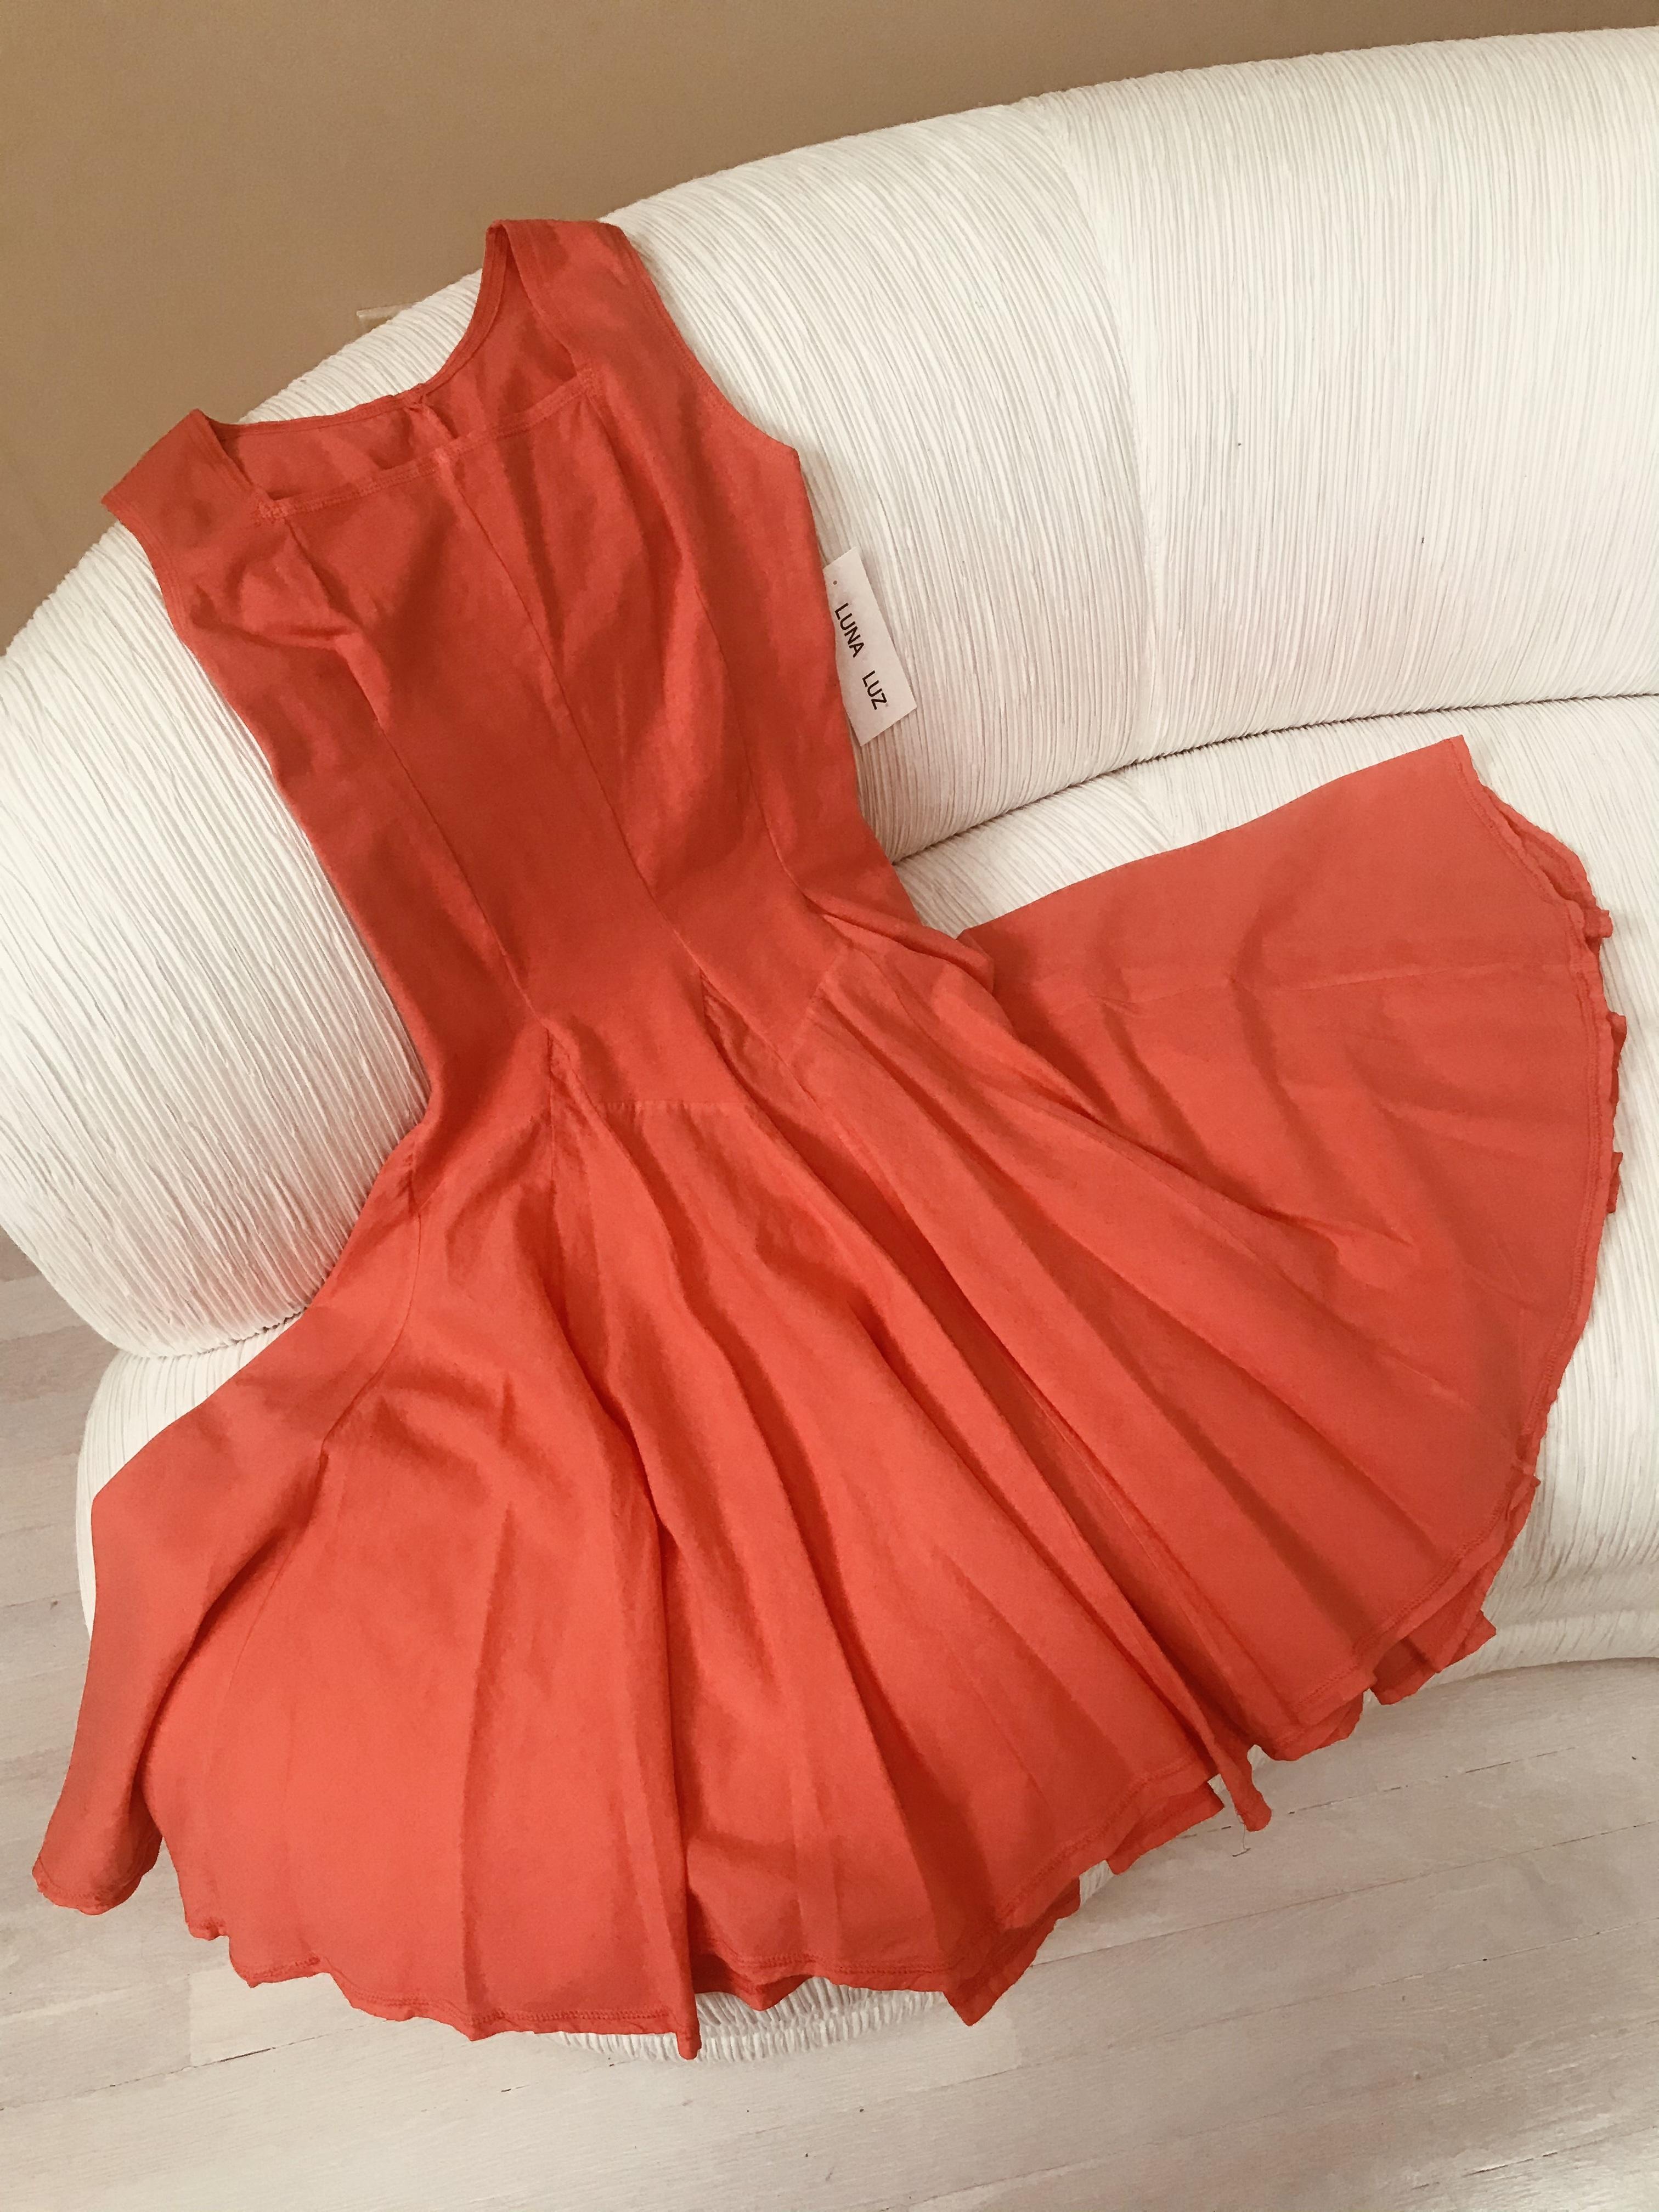 Luna Luz: Godet Dyed Square Neck Dress (Ships Immed in Zest, 1 Left in Medium!)